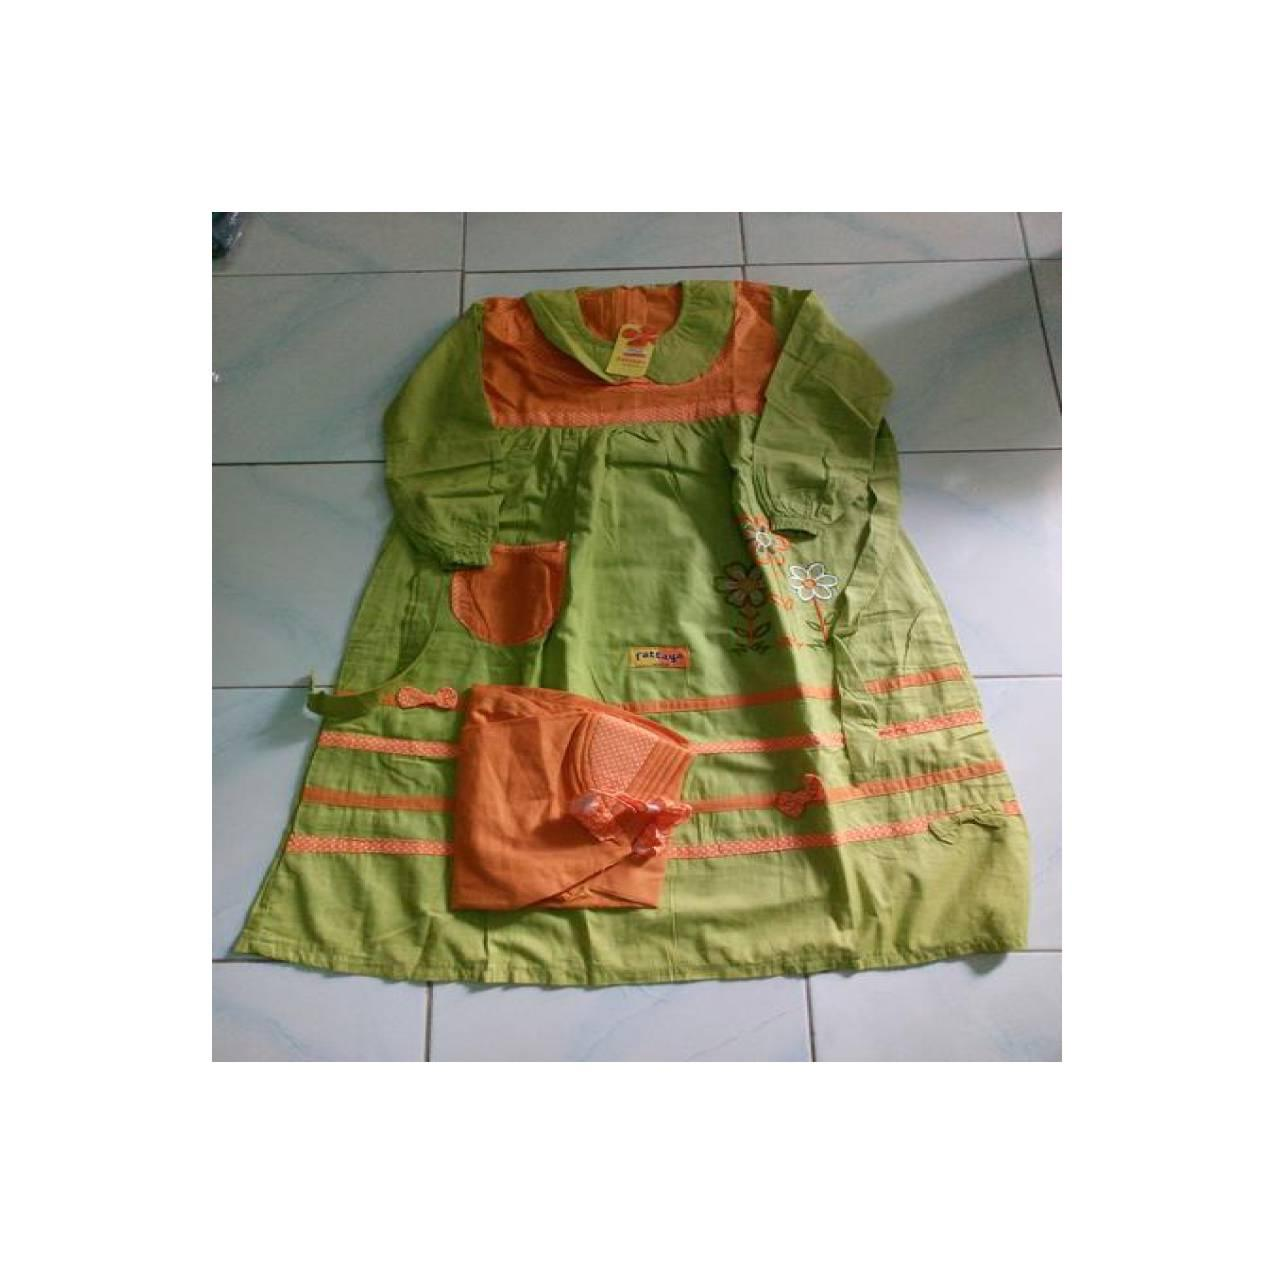 Jual baju muslim anak - gamis fattaya Baru | Baju Gaun / Dress Anak